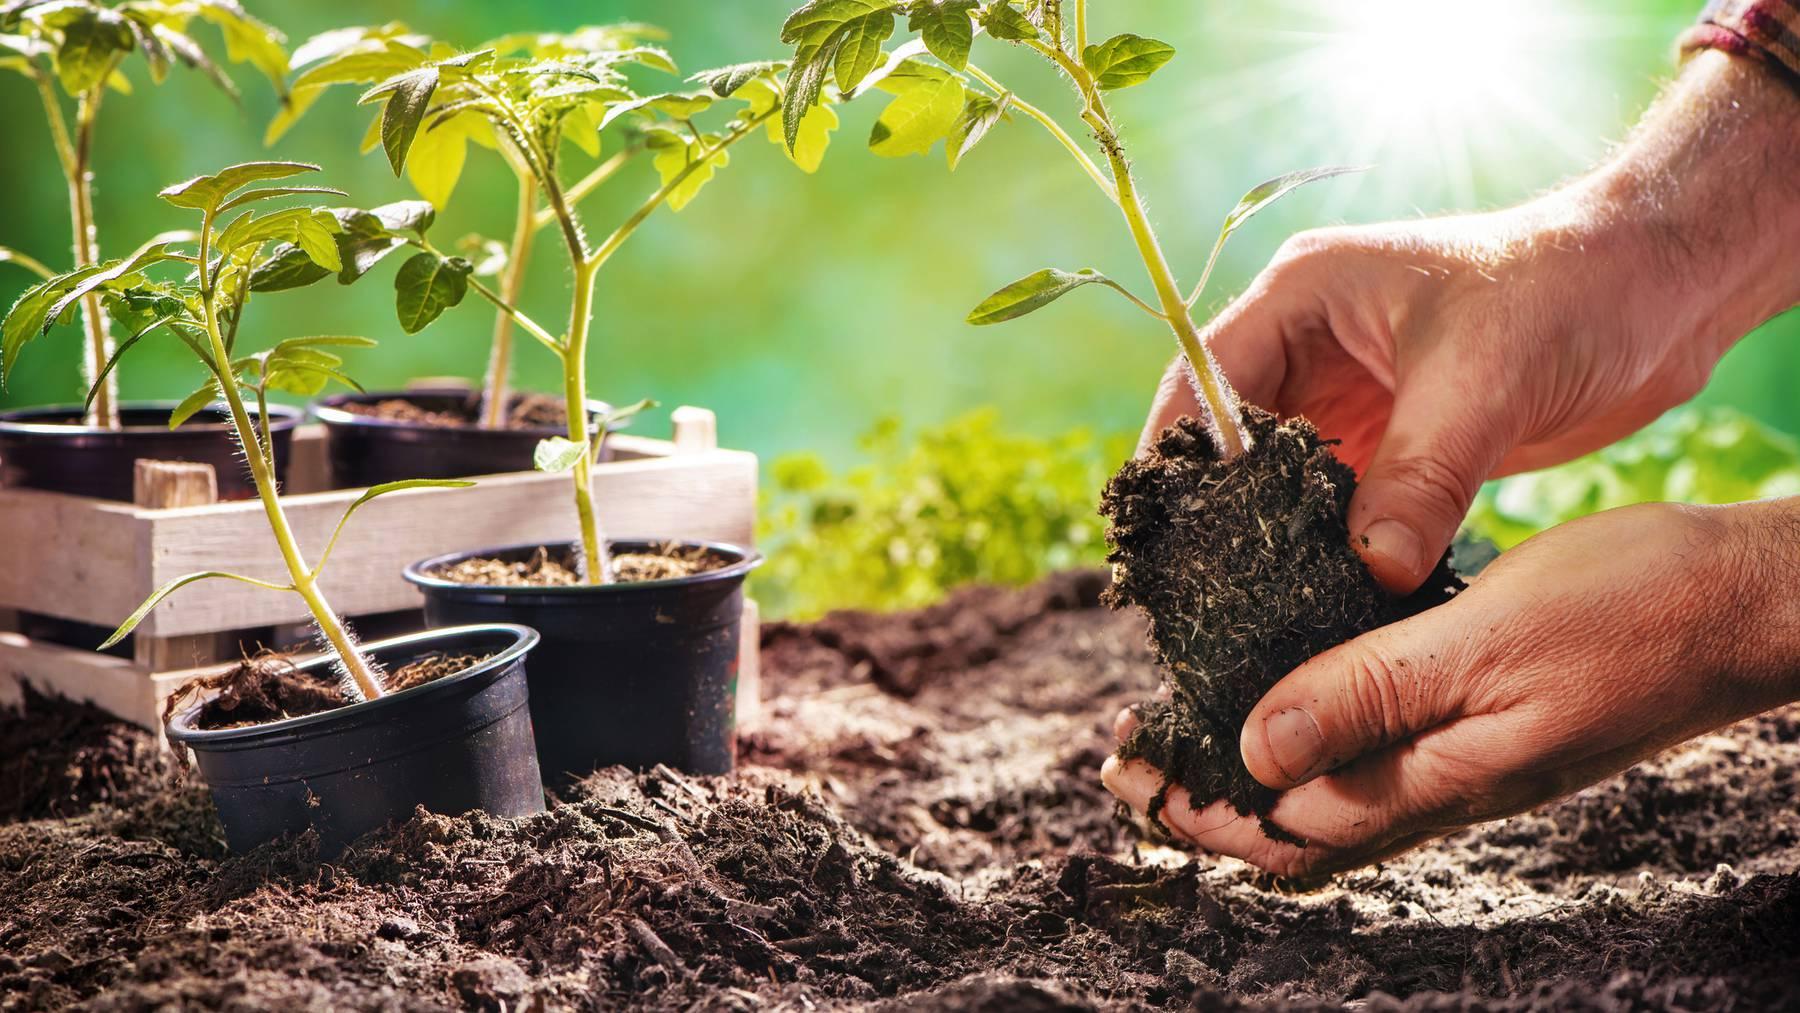 Wer auf sein Glück vertraut, kann auch schon vor den Eisheiligen den Garten machen.